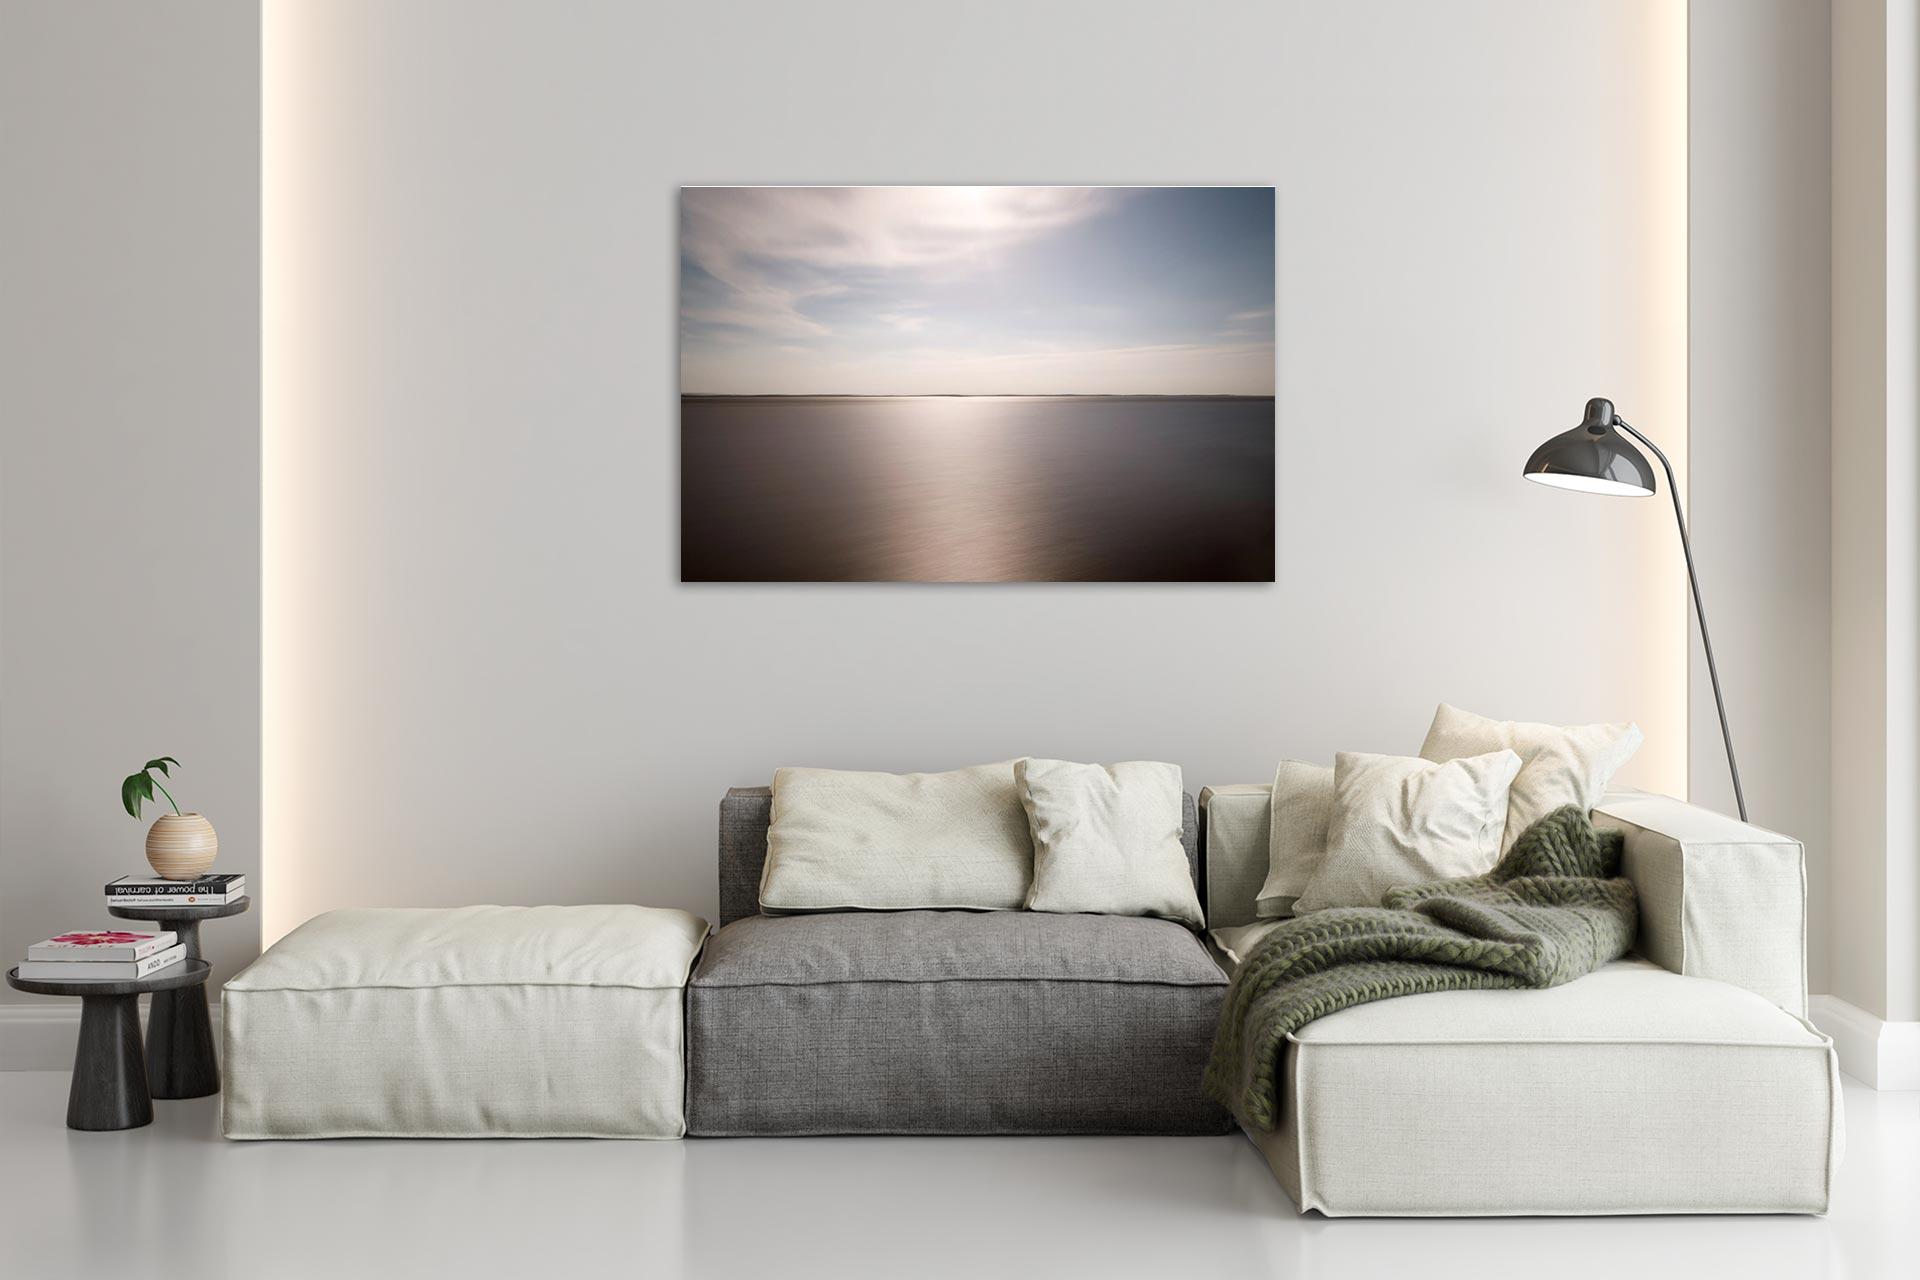 LCW200-elbe-wischhafen-wandbild-bild-auf-leinwand-acrylglas-aludibond-wohnzimmer